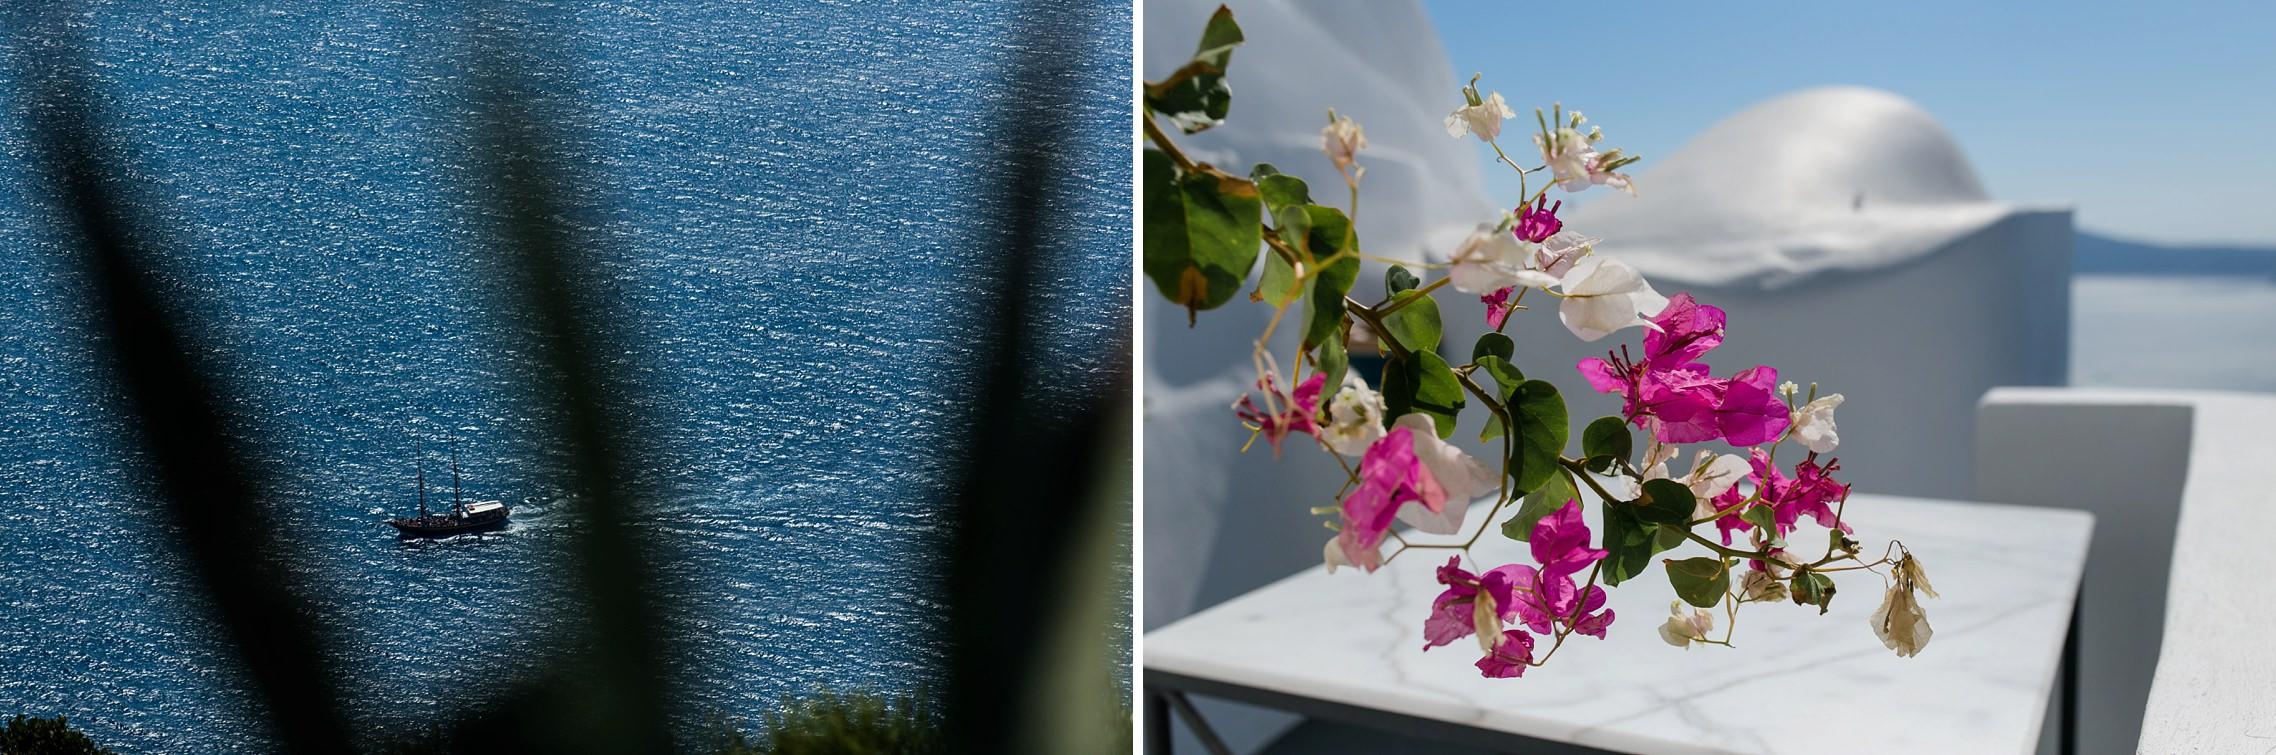 Santorini-typische Blumen und ein Blick auf das Meer mit einem Segelschiff.